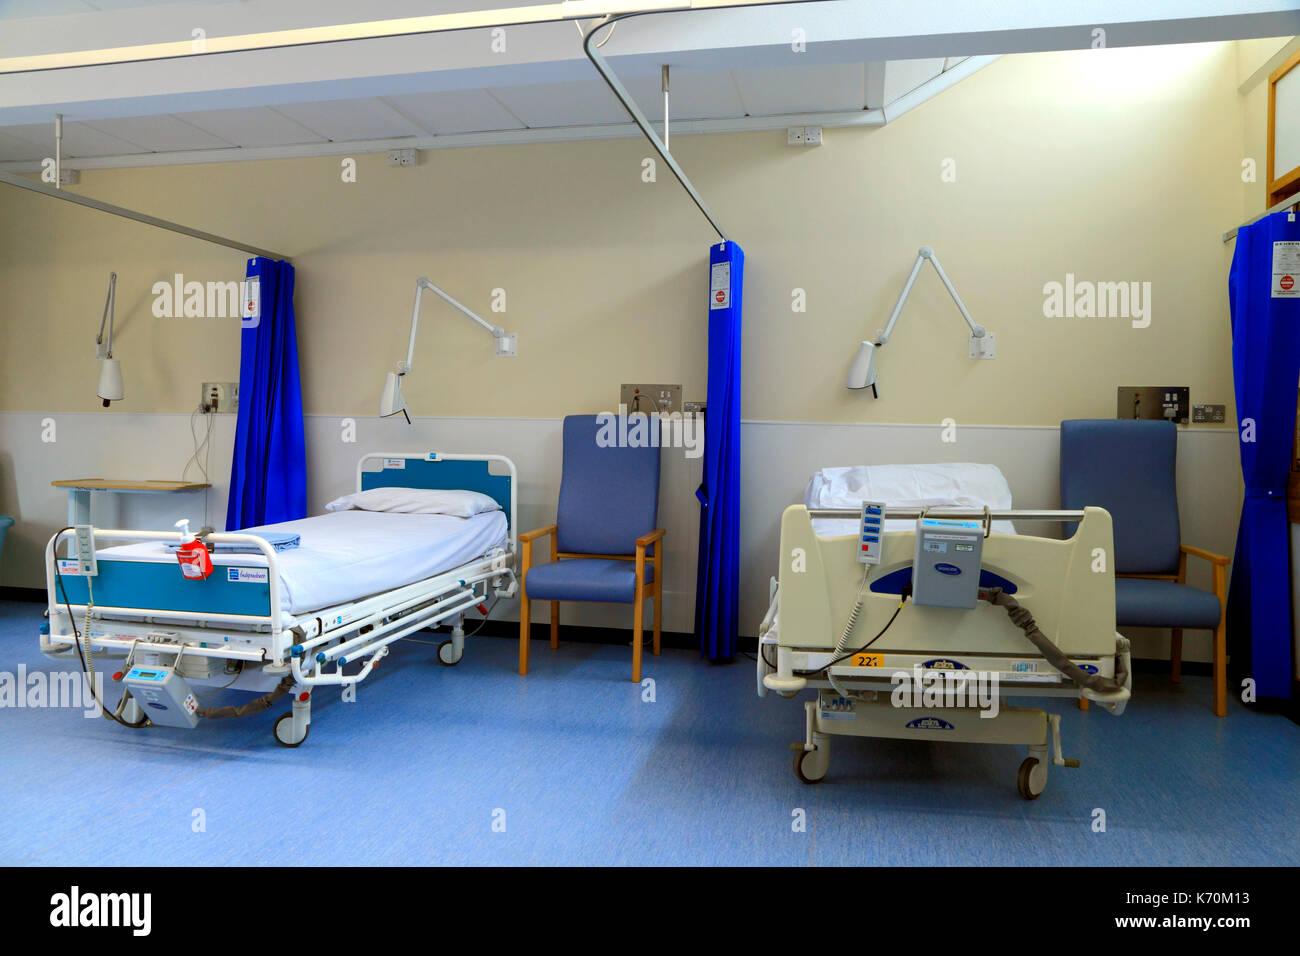 NHS, N.H.S. La sala de hospital, Servicio Nacional de Salud, el Hospital Queen Elizabeth de Kings Lynn, en Norfolk, Inglaterra, Reino Unido. Foto de stock